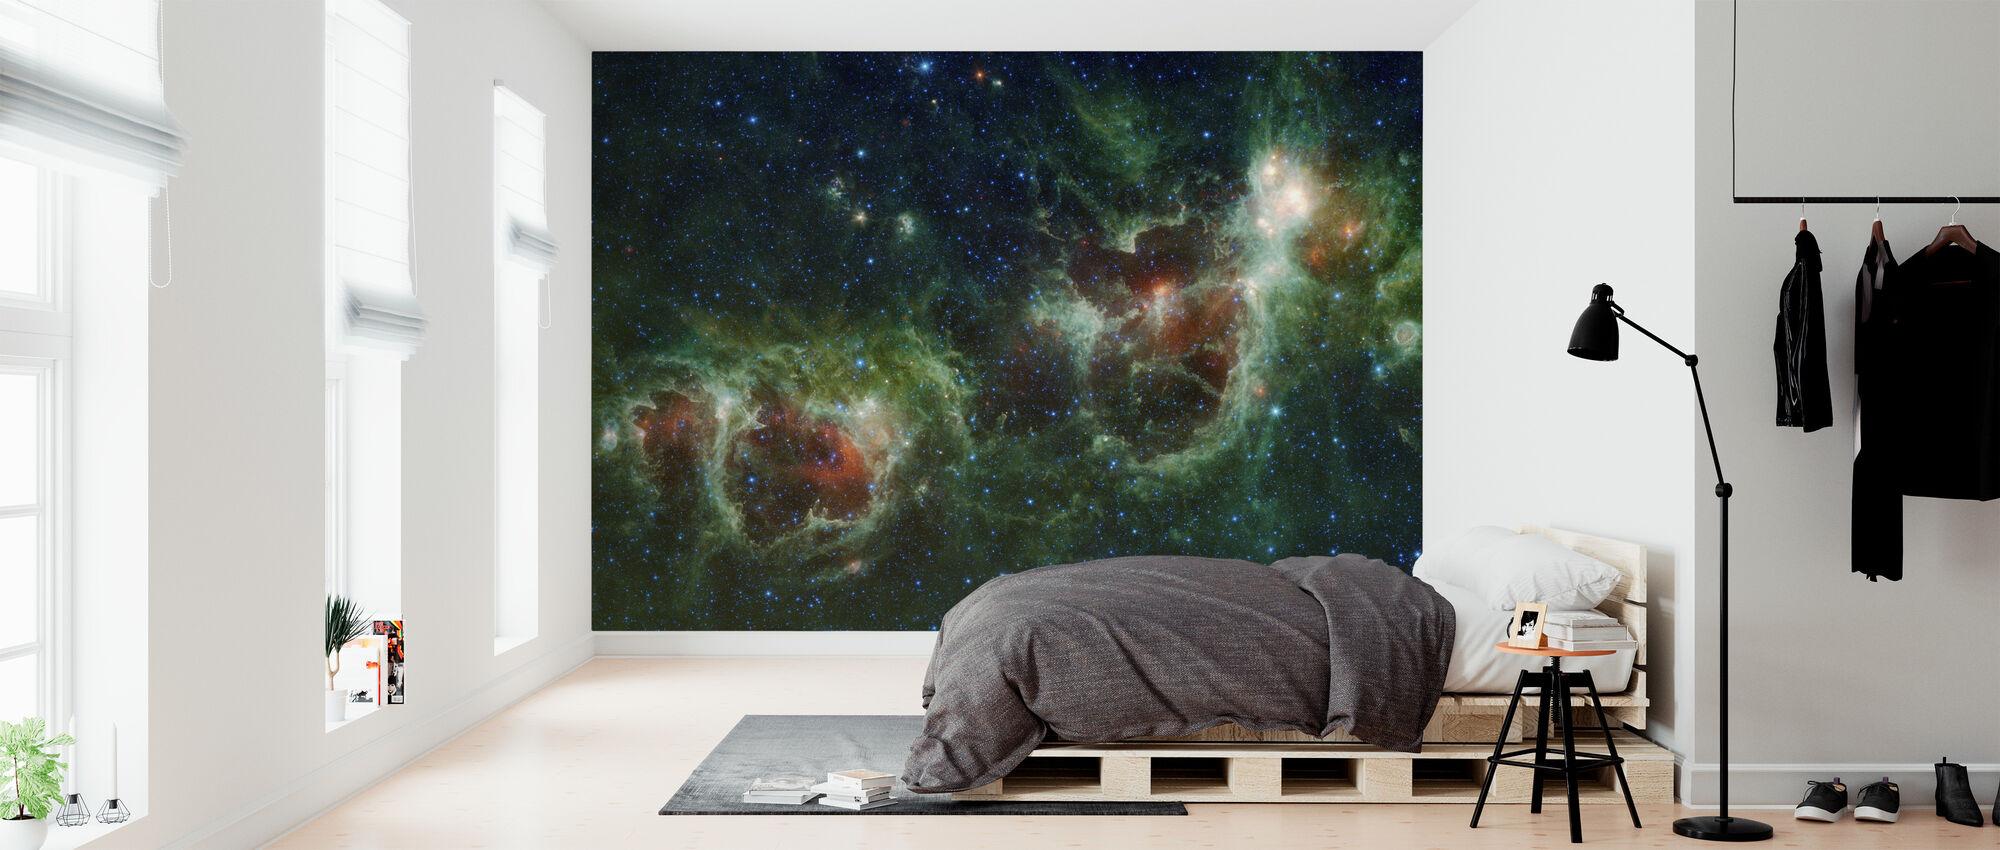 Ulkoavaruuden kosmos - Tapetti - Makuuhuone